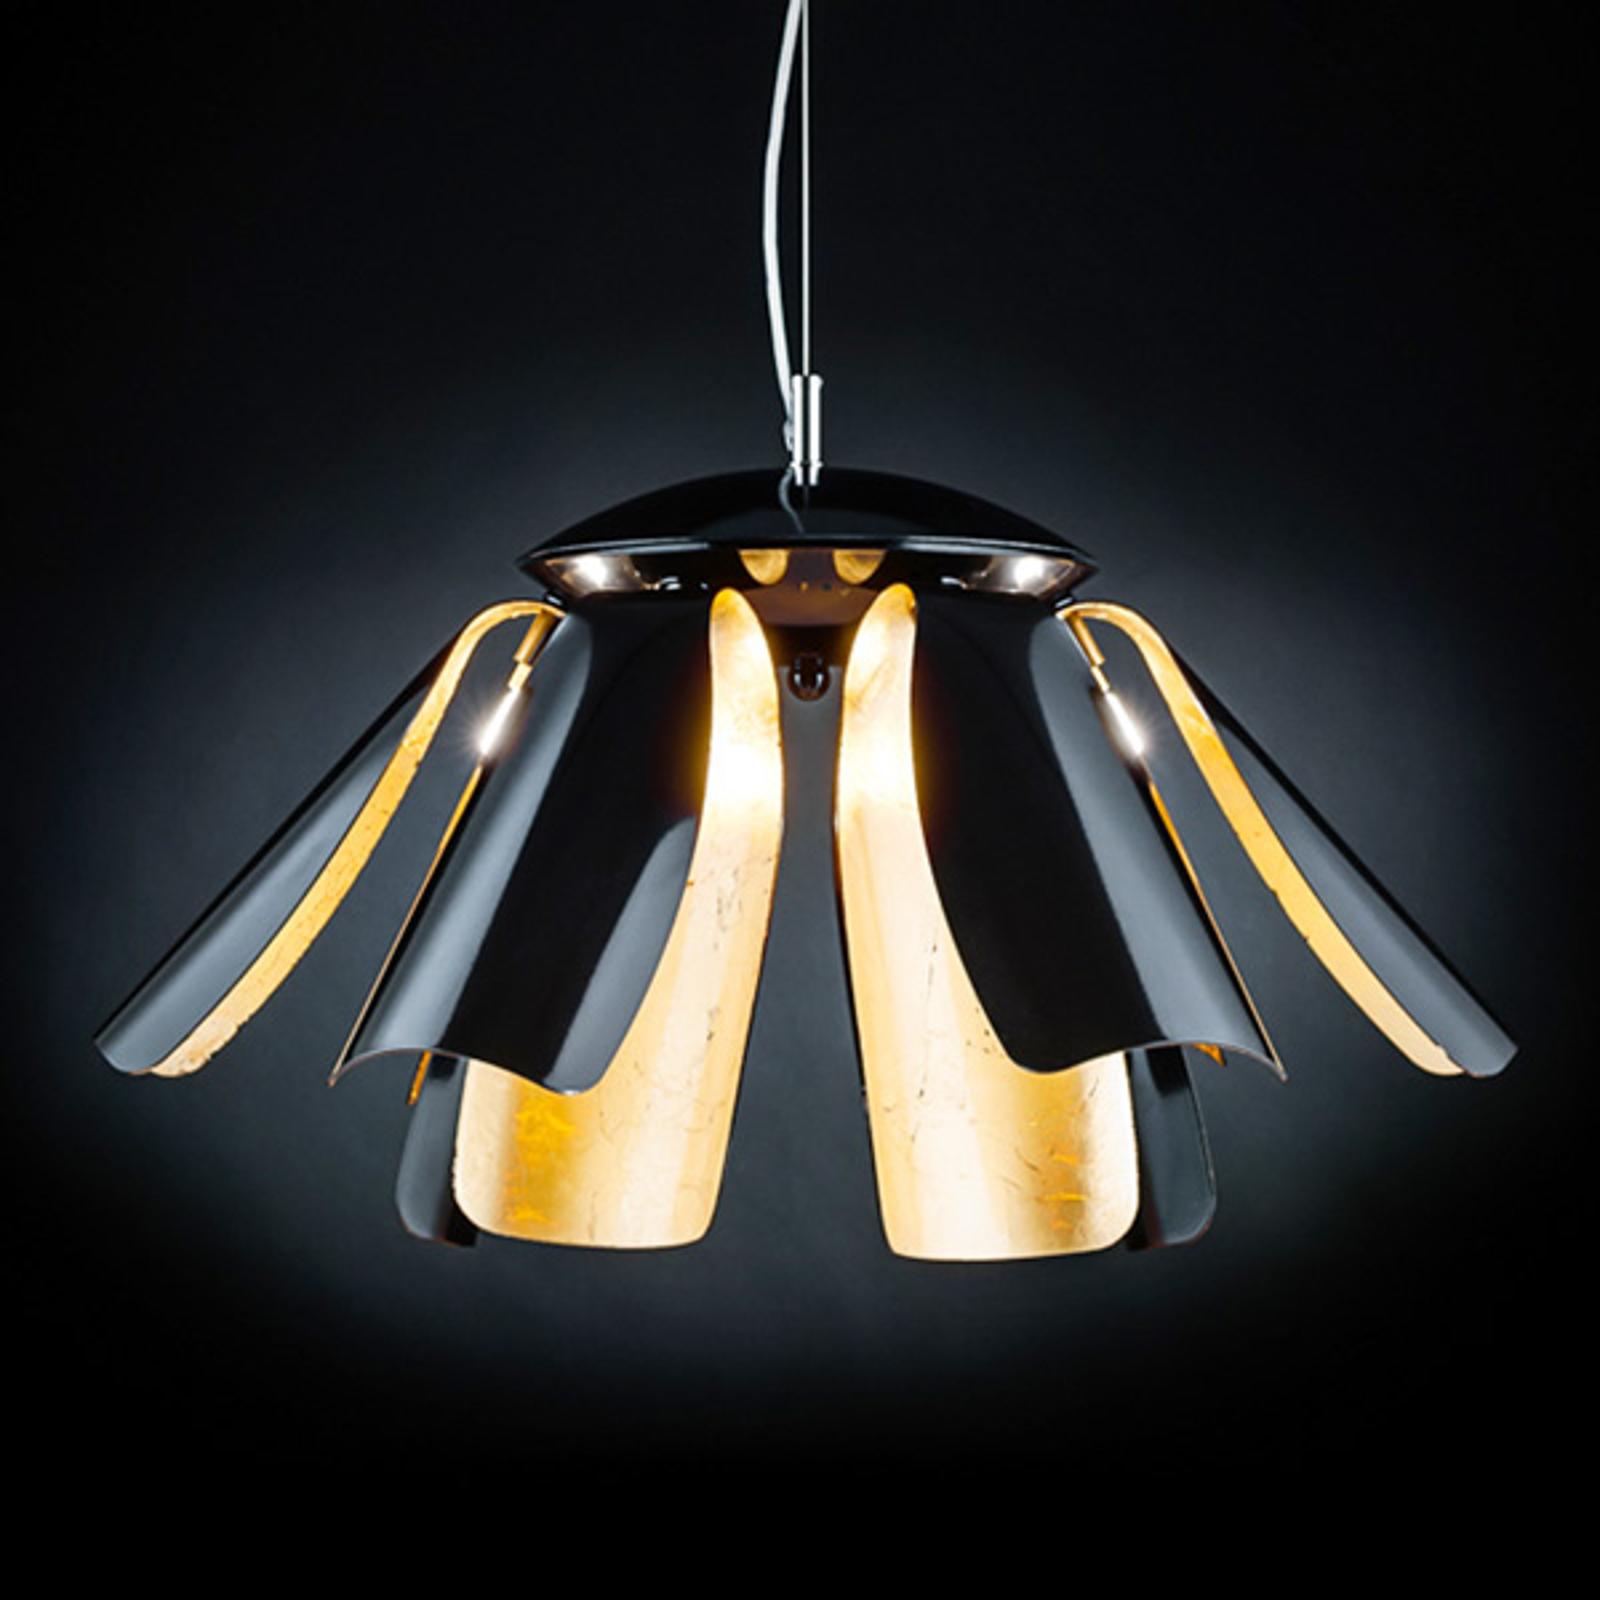 Designer-Hängeleuchte Tropic 60 cm braun/blattgold